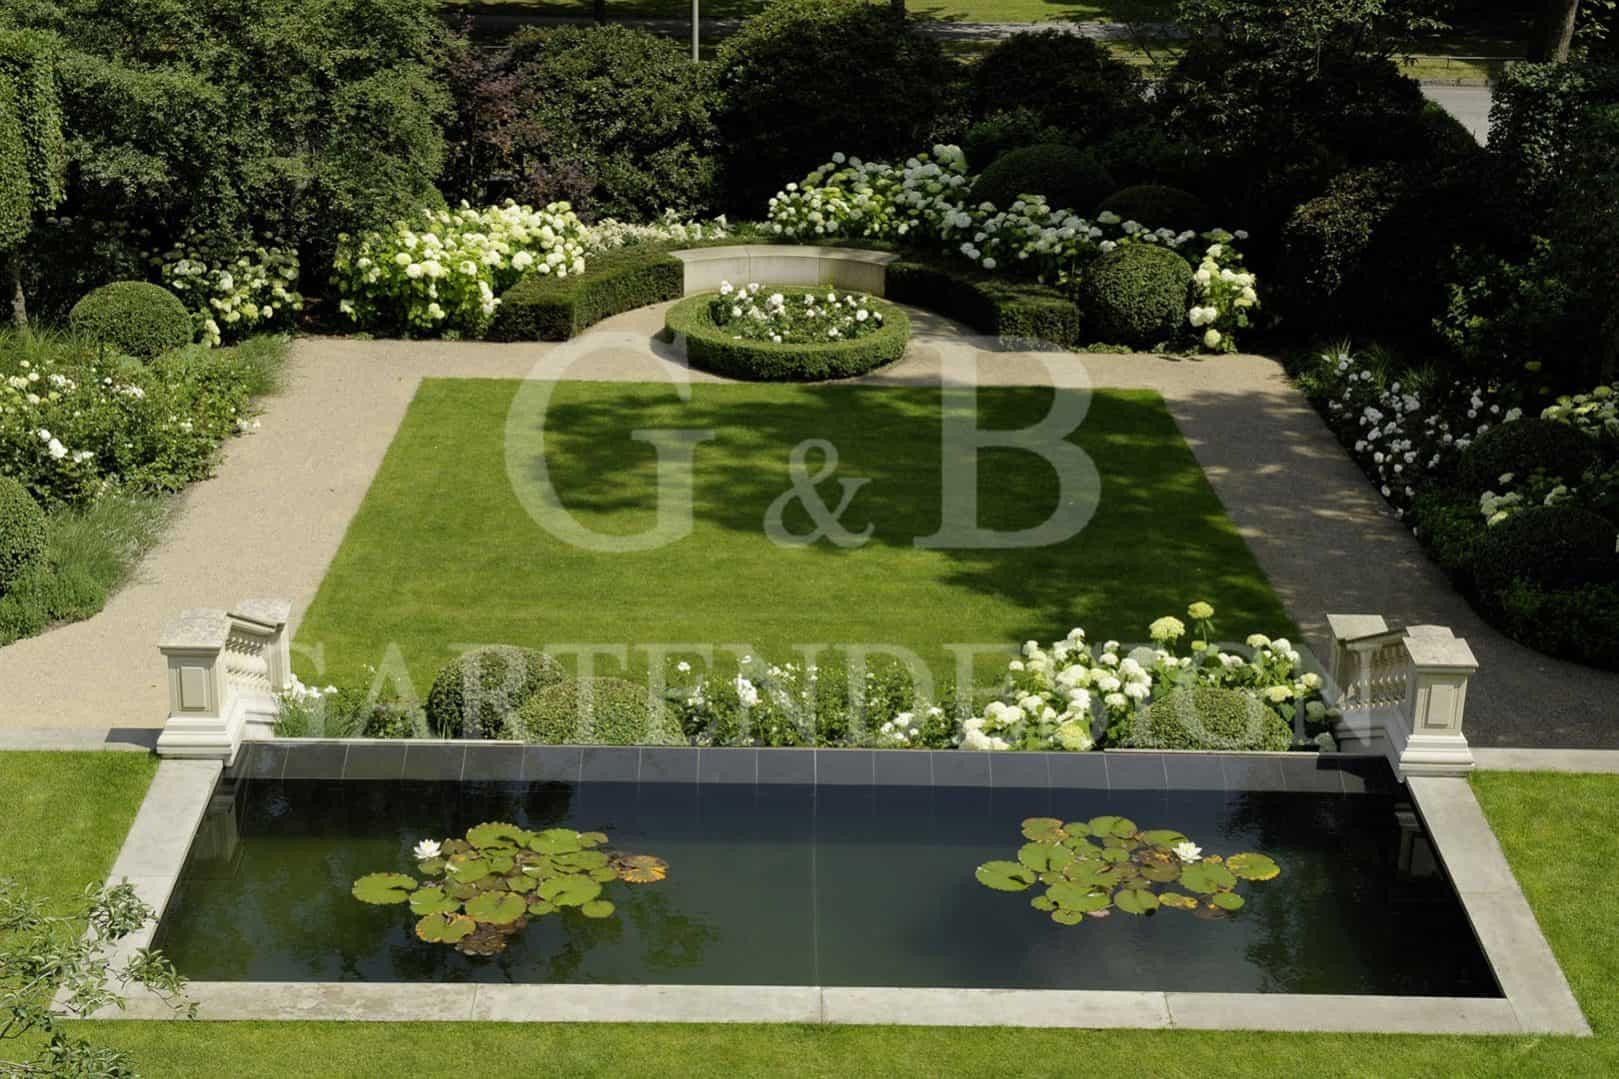 gartenbau landschaftsbau gempp gartendesign. Black Bedroom Furniture Sets. Home Design Ideas